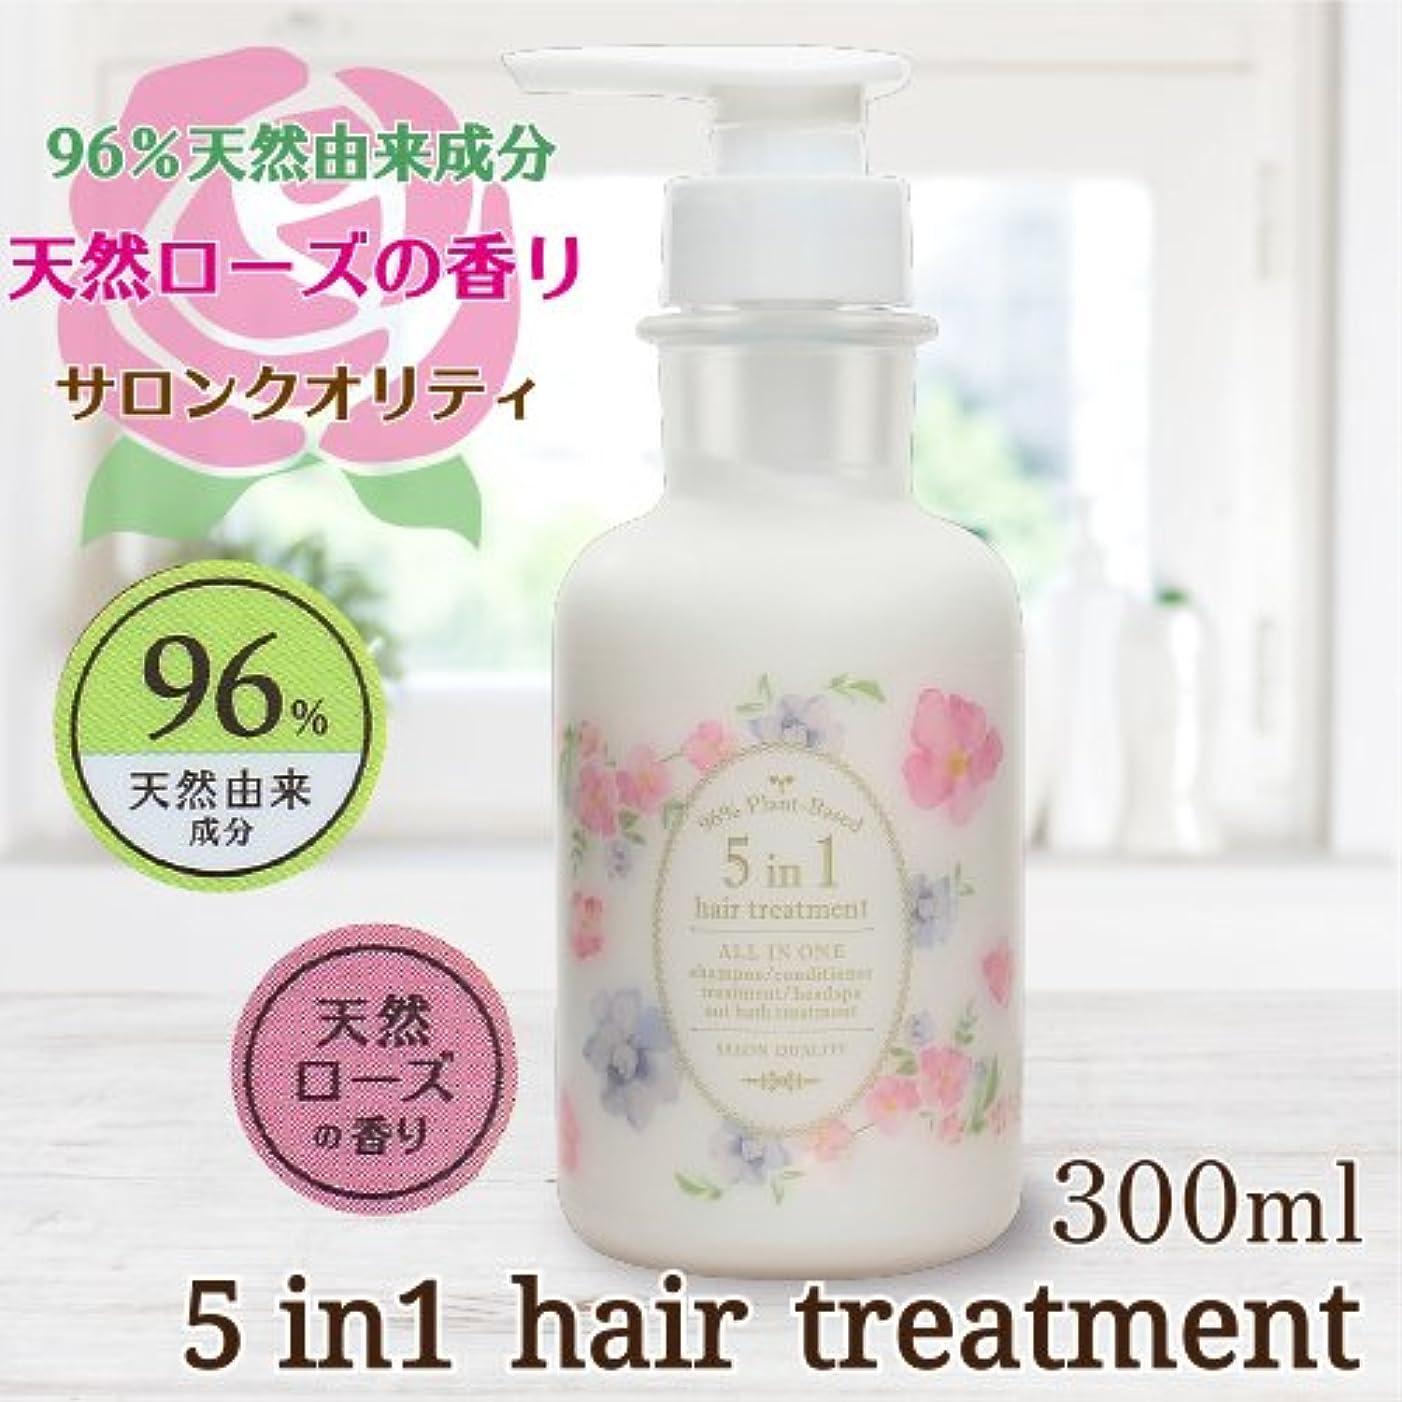 確実提供された付属品5in1 hair treatment